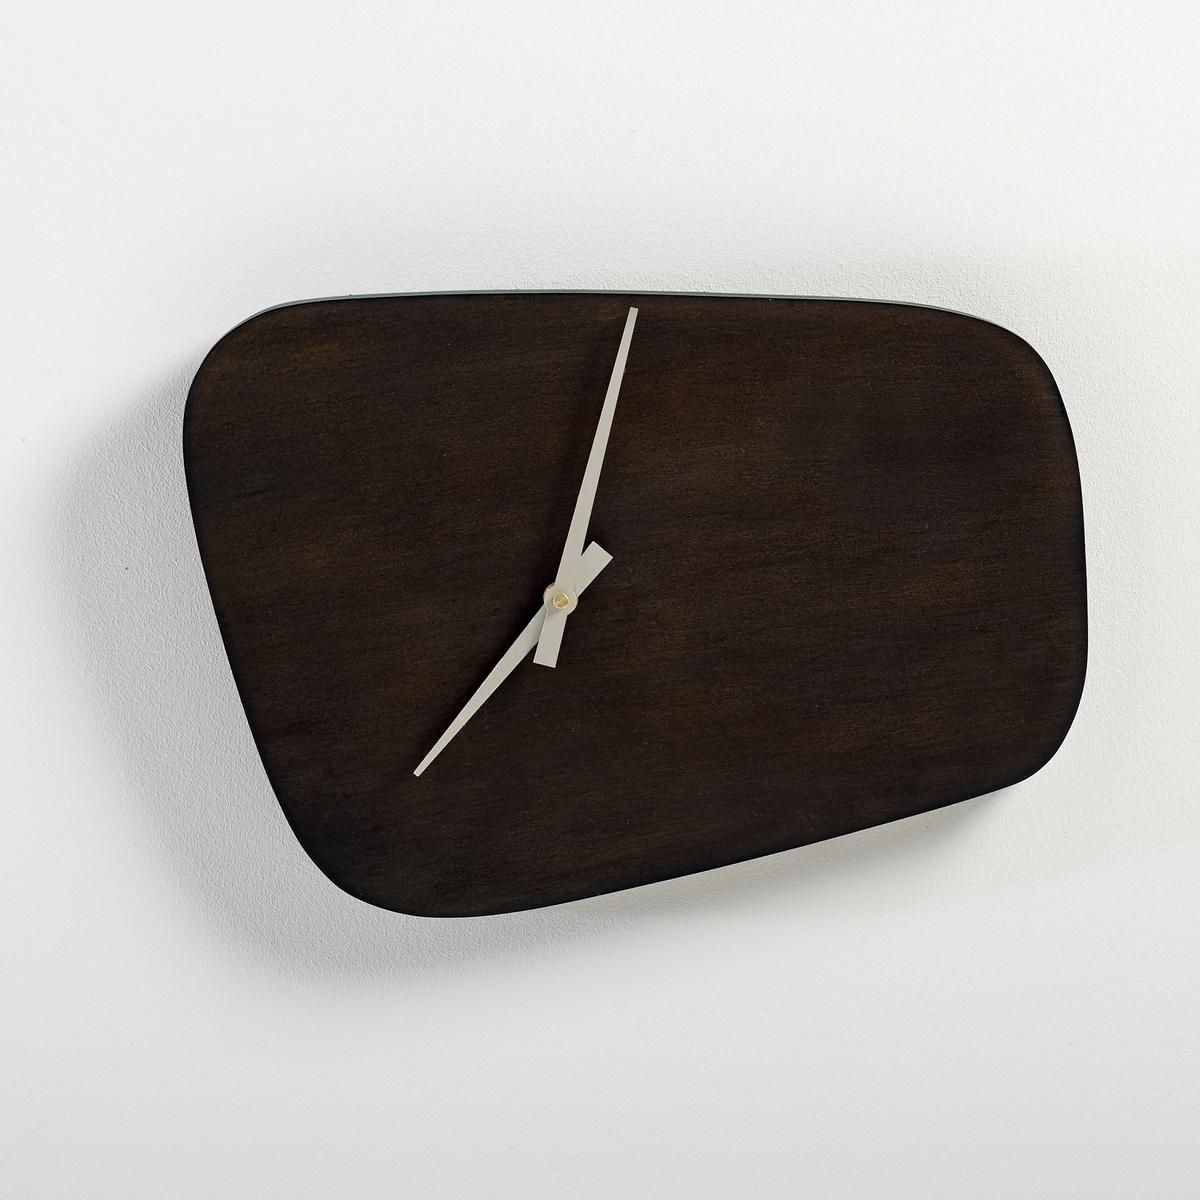 Часы винтажные, KildaЧасы винтажные, Kilda. Стиль 50-х годов вдохновил нас на создание этих часов с оригинальным дизайном.Характеристики винтажных часов Kilda:Структура: МДФ, тонированный орех.Работает с 1 батарейкой типа LR6 1,5V (в комплект не входит).Кварцевый механизм.Другие модели серии Kilda вы можете найти на сайте laredoute.ru. Размеры винтажных часов Kilda:Ширина: 35,5 см. Высота: 25 см. Длина: 28 см.<br><br>Цвет: каштановый<br>Размер: единый размер